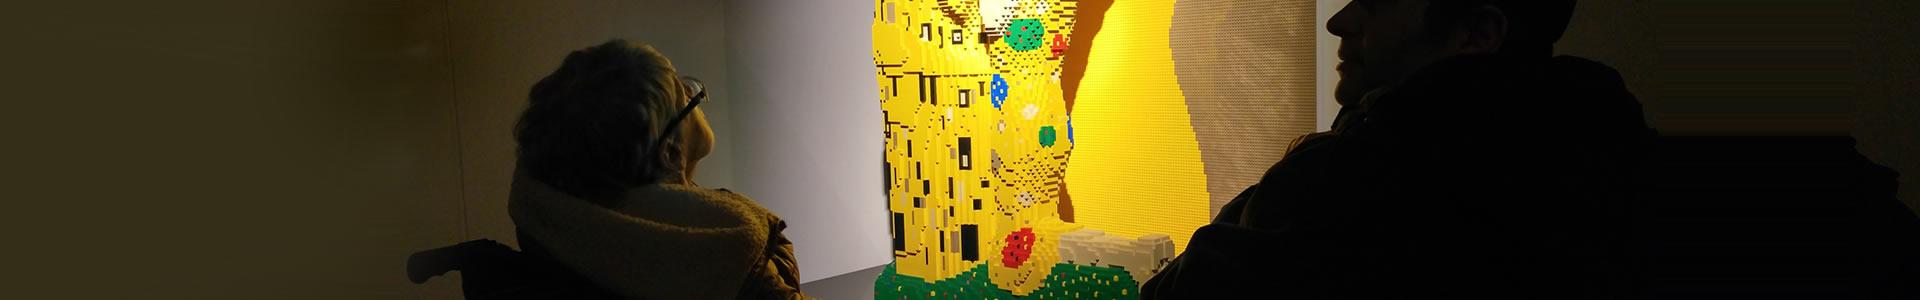 In giro per la città - mostra lego